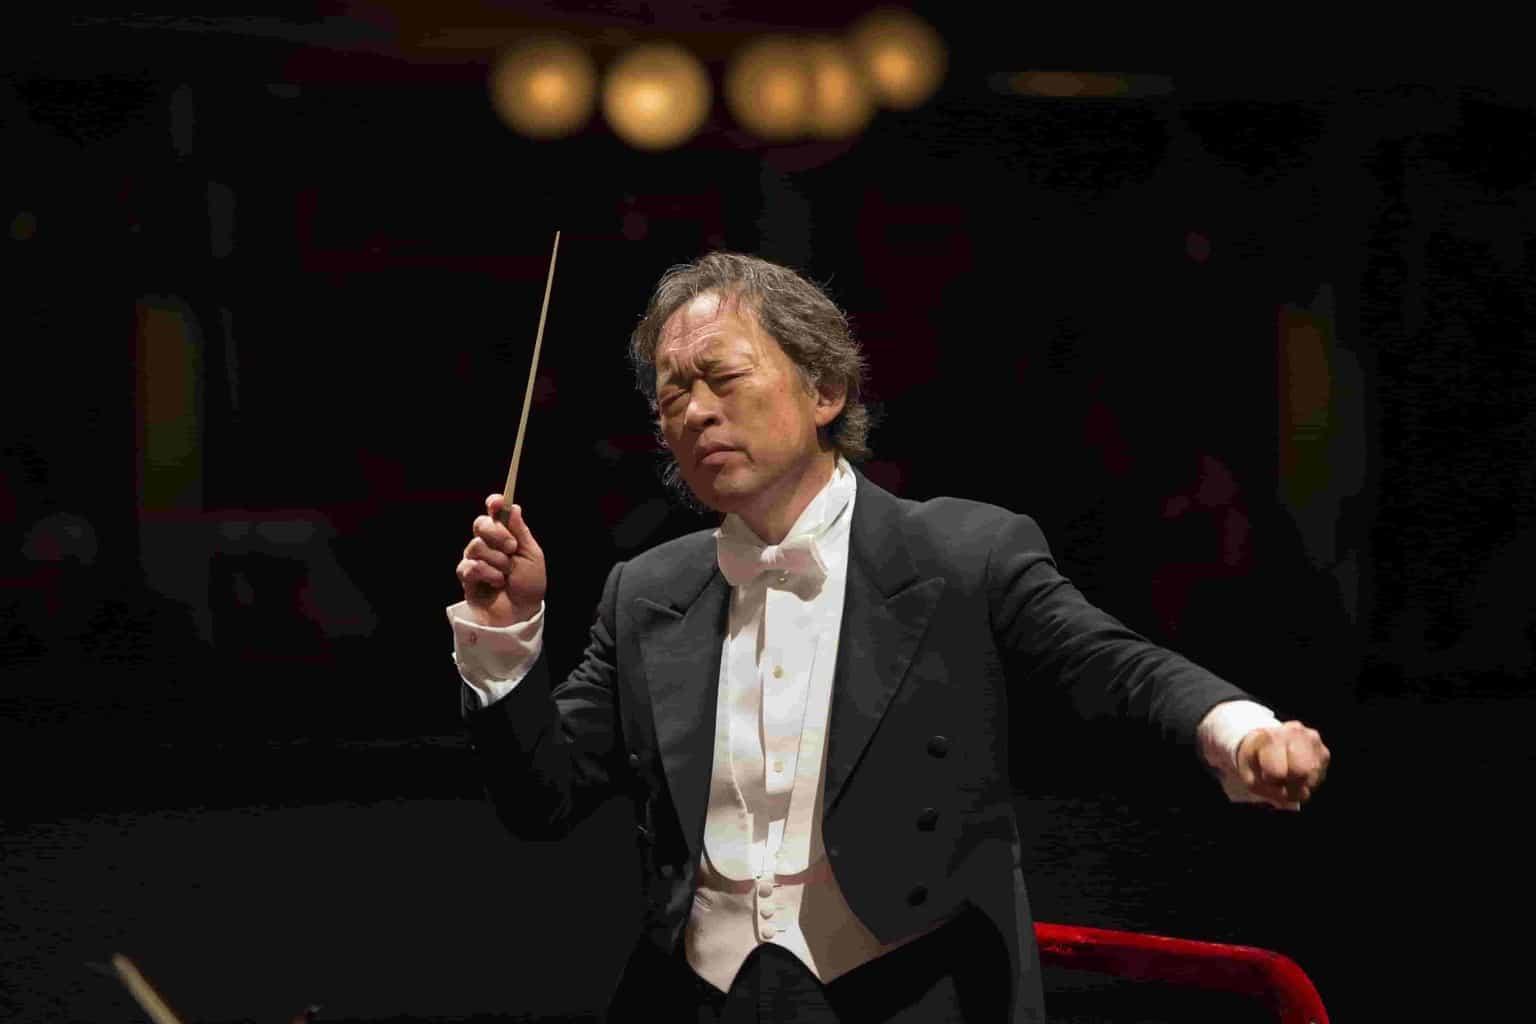 Myung-Whun Chung e la Filarmonica della Scala:venerdì 20 settembre accompagneranno il pubblico in un viaggio slavo sospeso tra Russia e America.